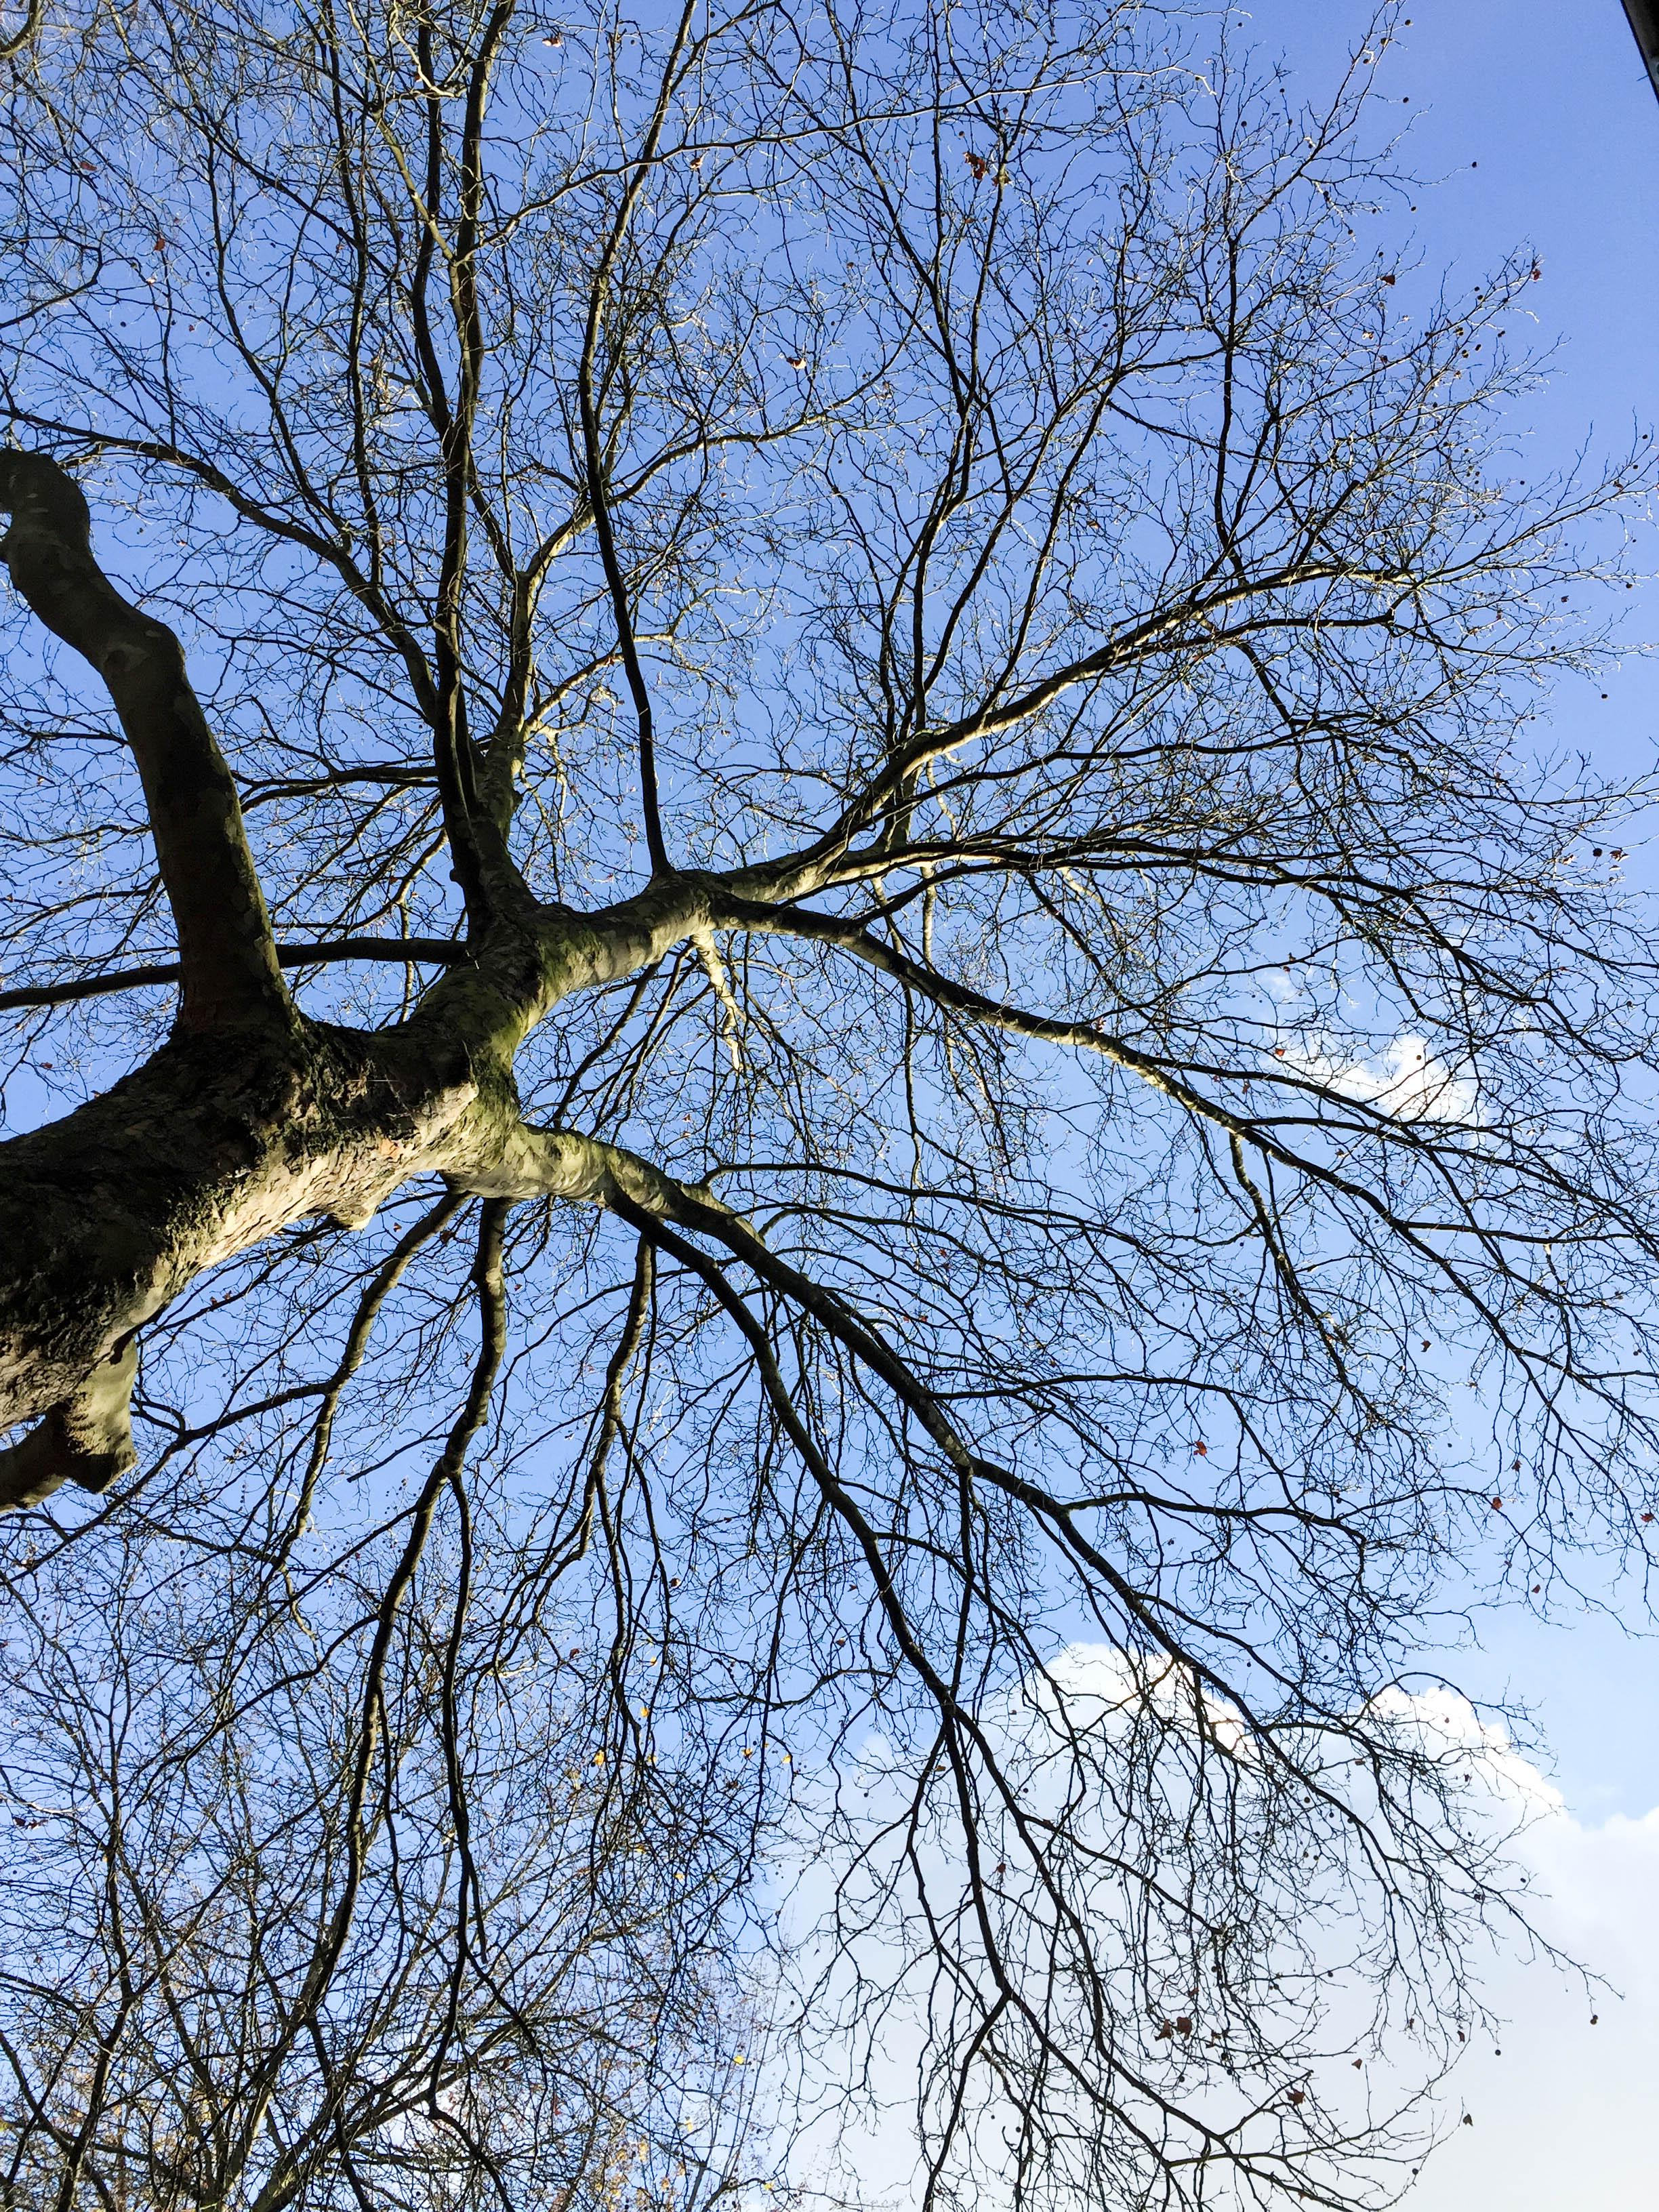 Himmel Baum-7963